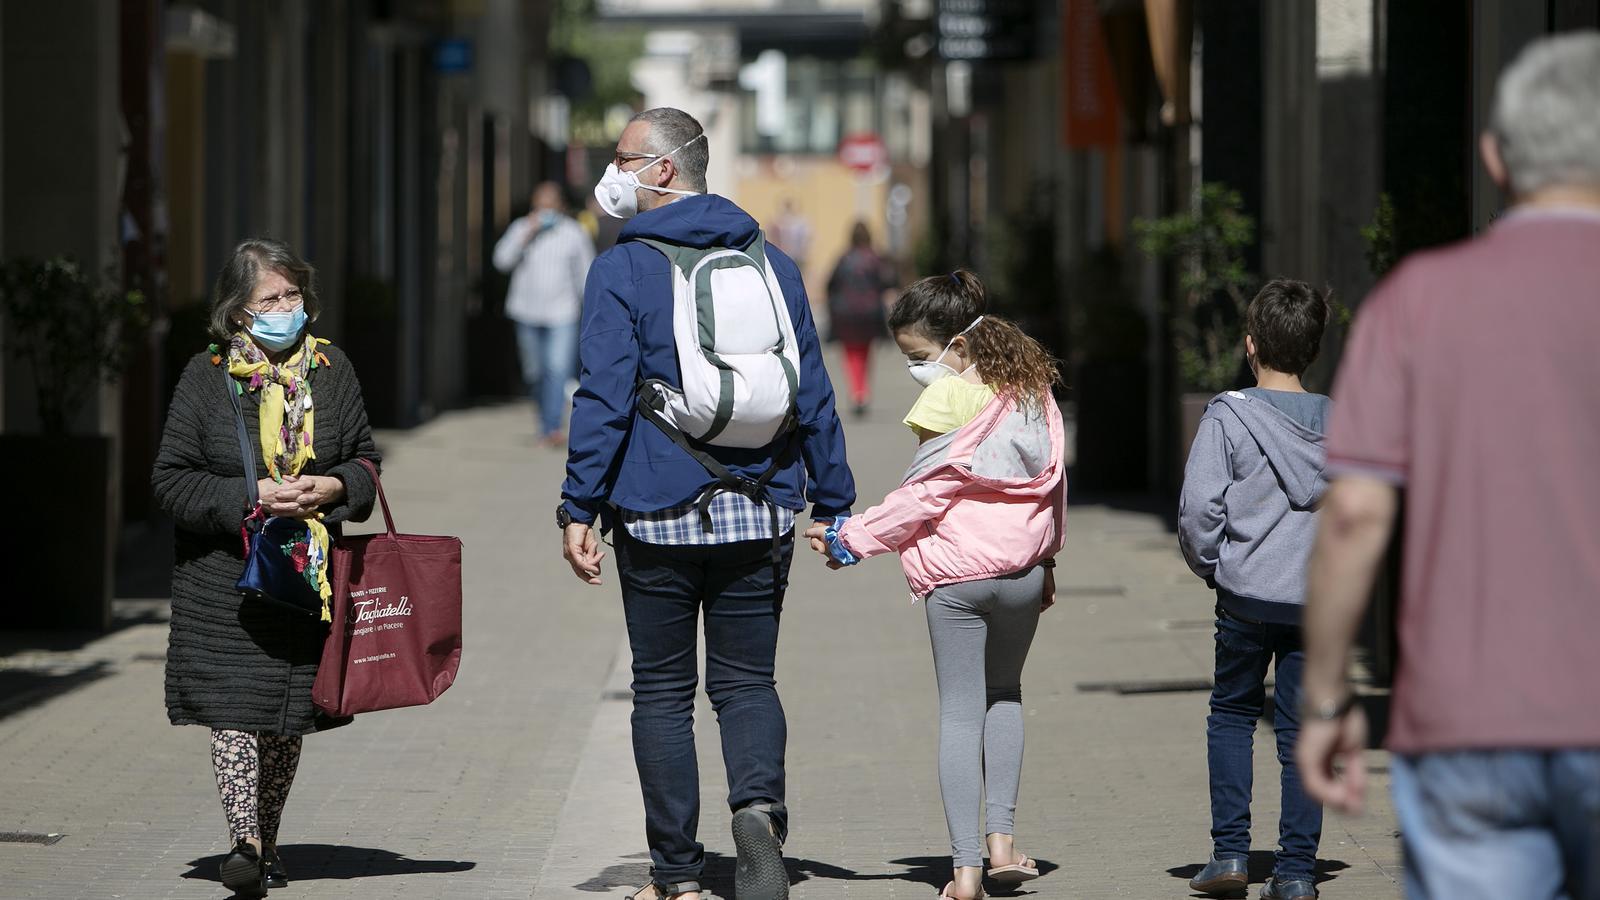 L'ús de mascareta serà obligatori als espais públics